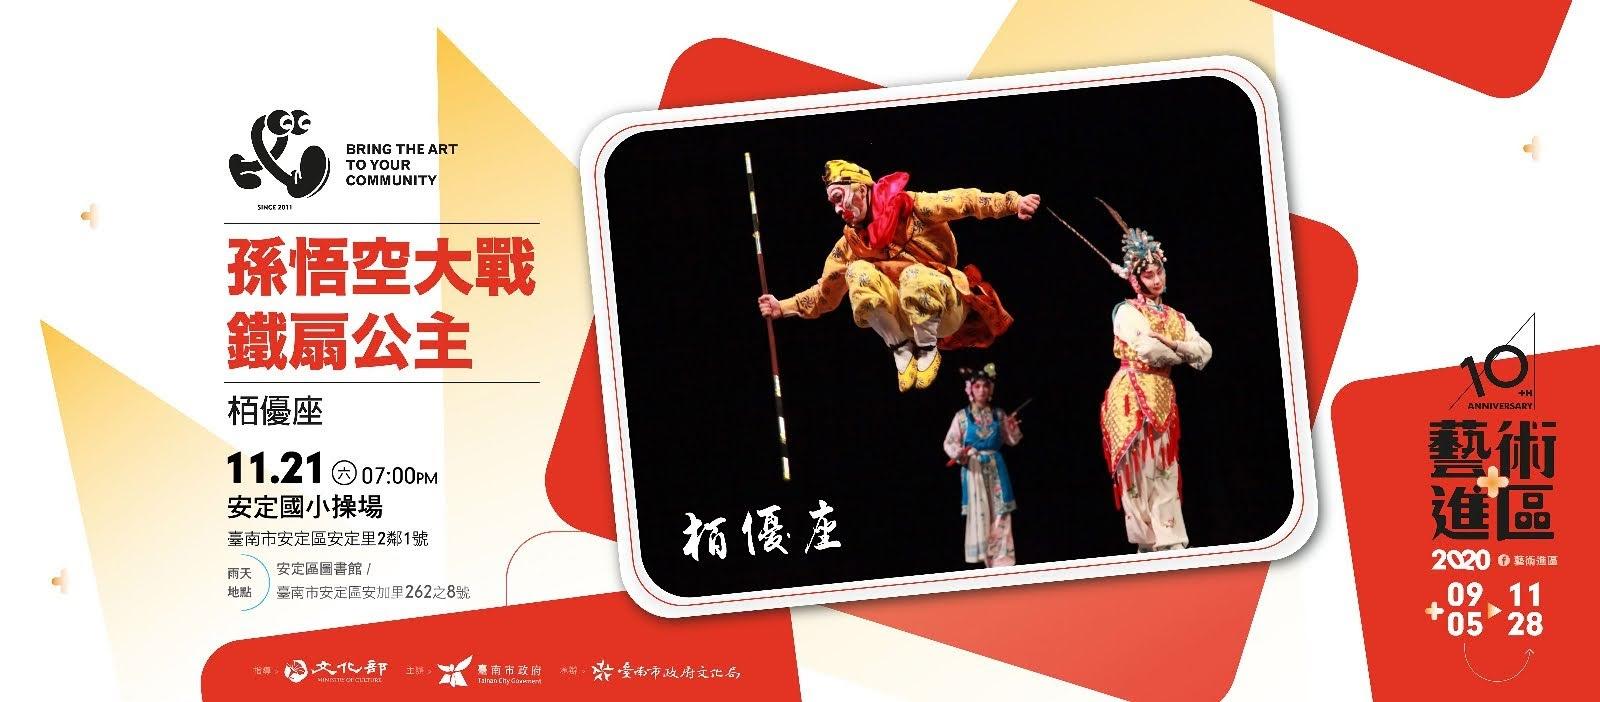 2020藝術進區 橫跨台南20區 17個國內知名表演團隊 進行20場戶外大型演出 活動